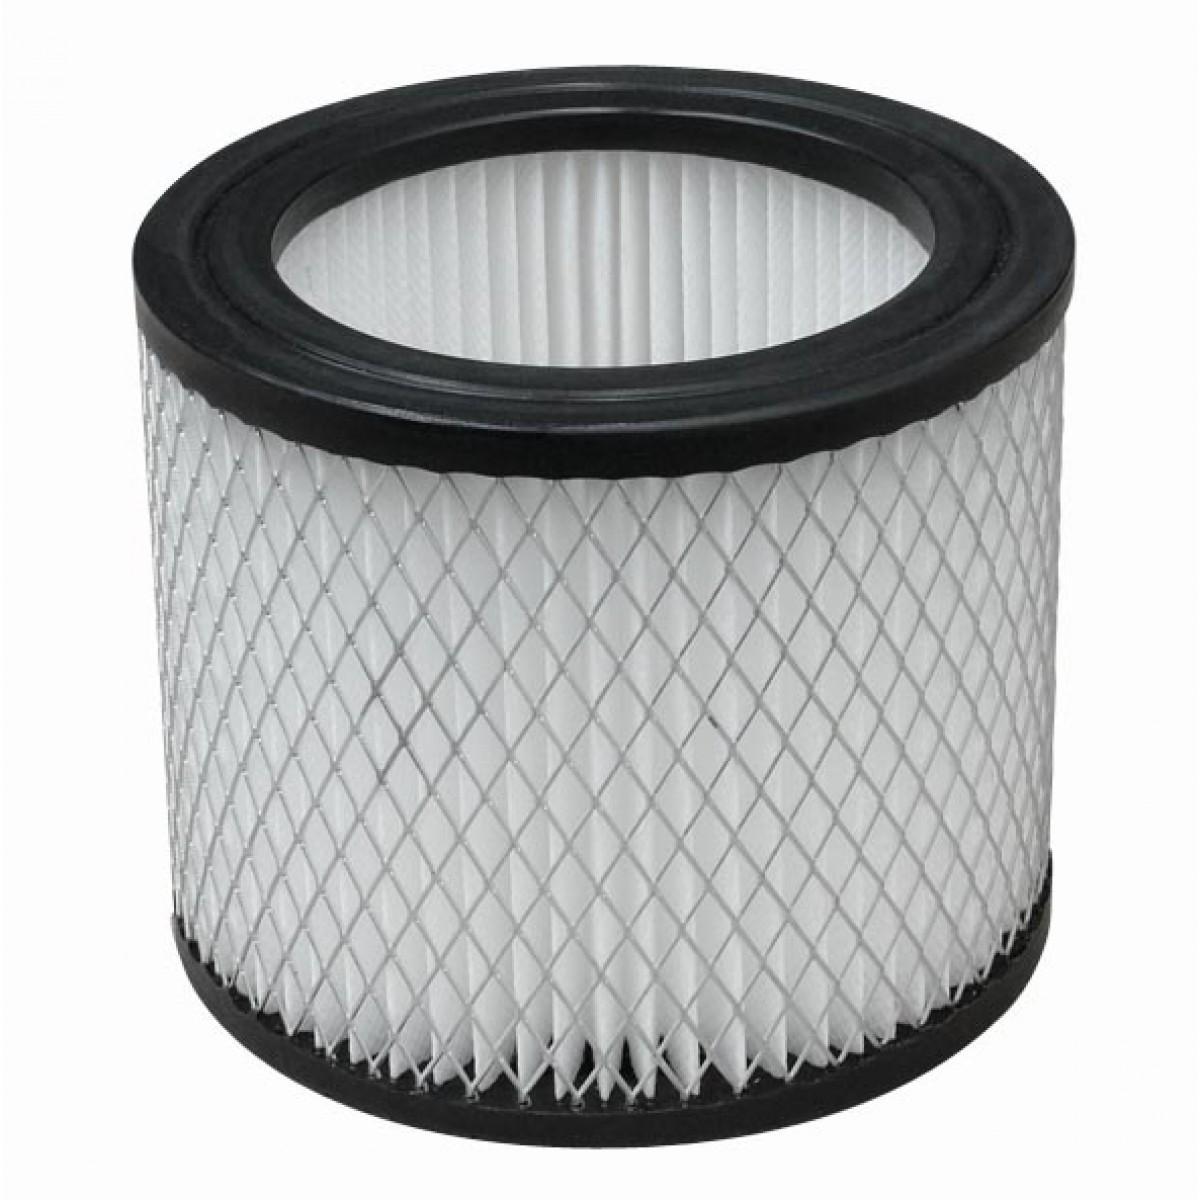 nettoyage filtre aspirateur a cendre coussin pour banquette ext rieure. Black Bedroom Furniture Sets. Home Design Ideas